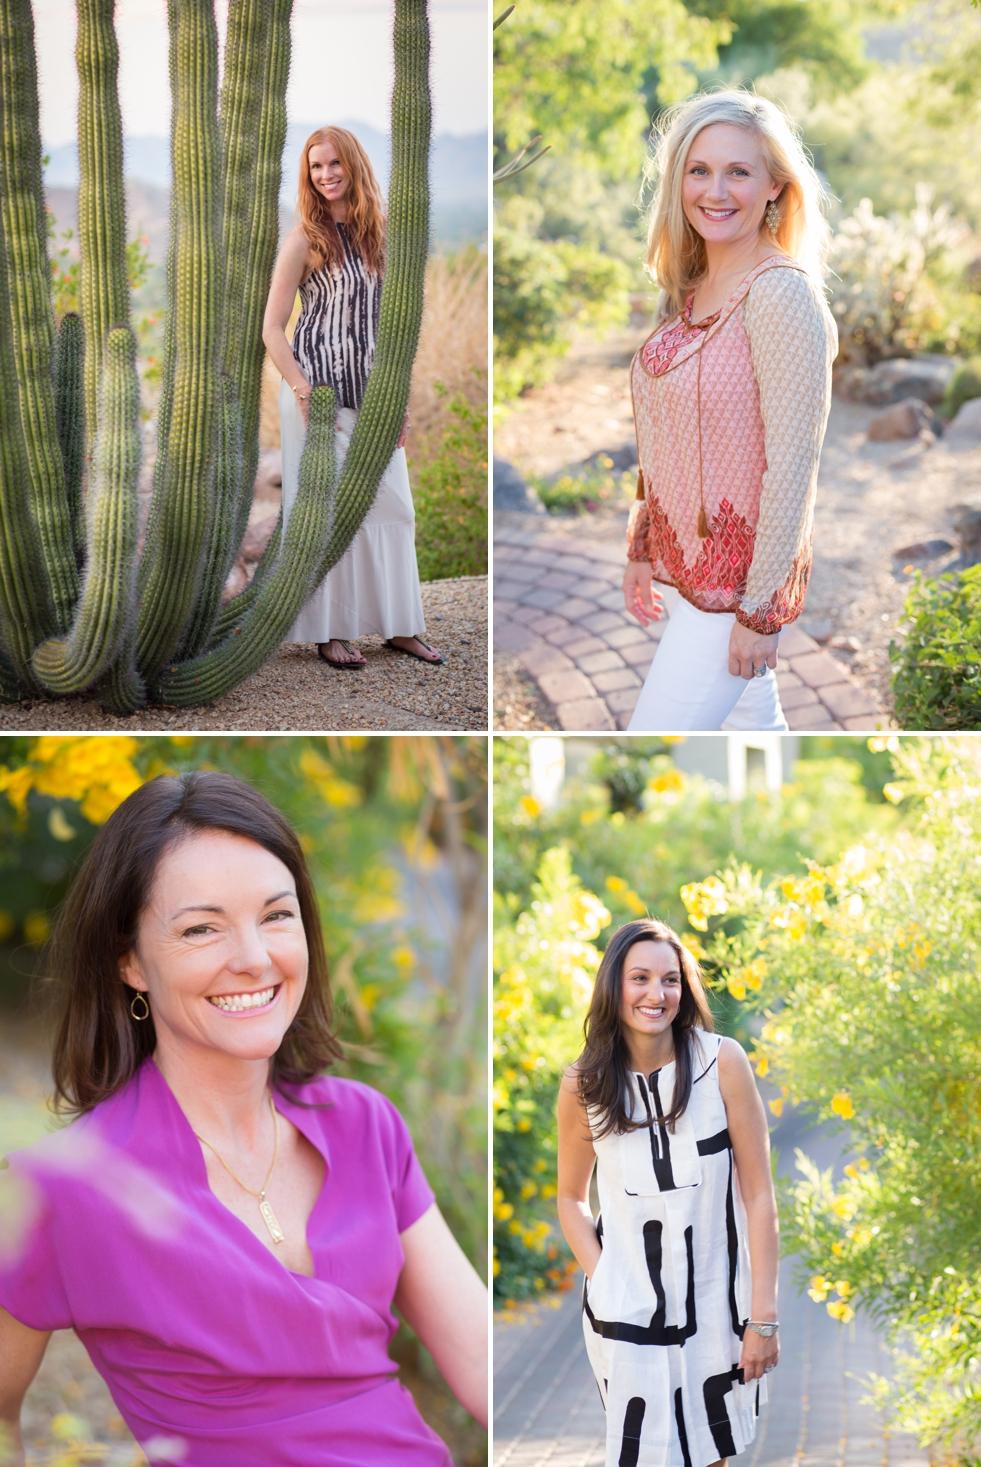 Moms - Get in the Picture! | suzanneobrienstudio.com